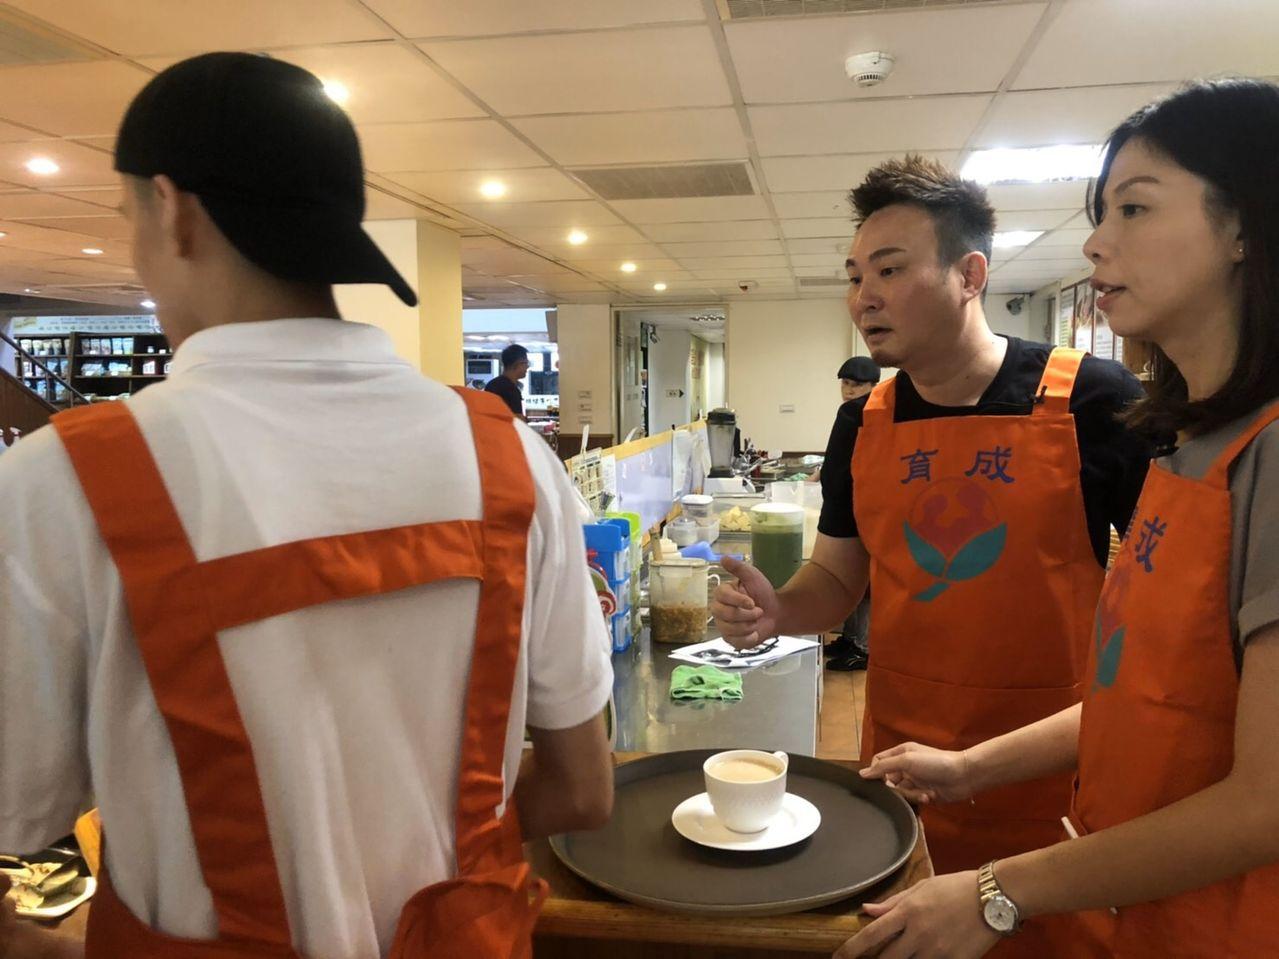 立委洪慈庸(右)挑战担任一日服务员,从点餐、打菜、煮咖啡到送餐都一手包办,展现亲...